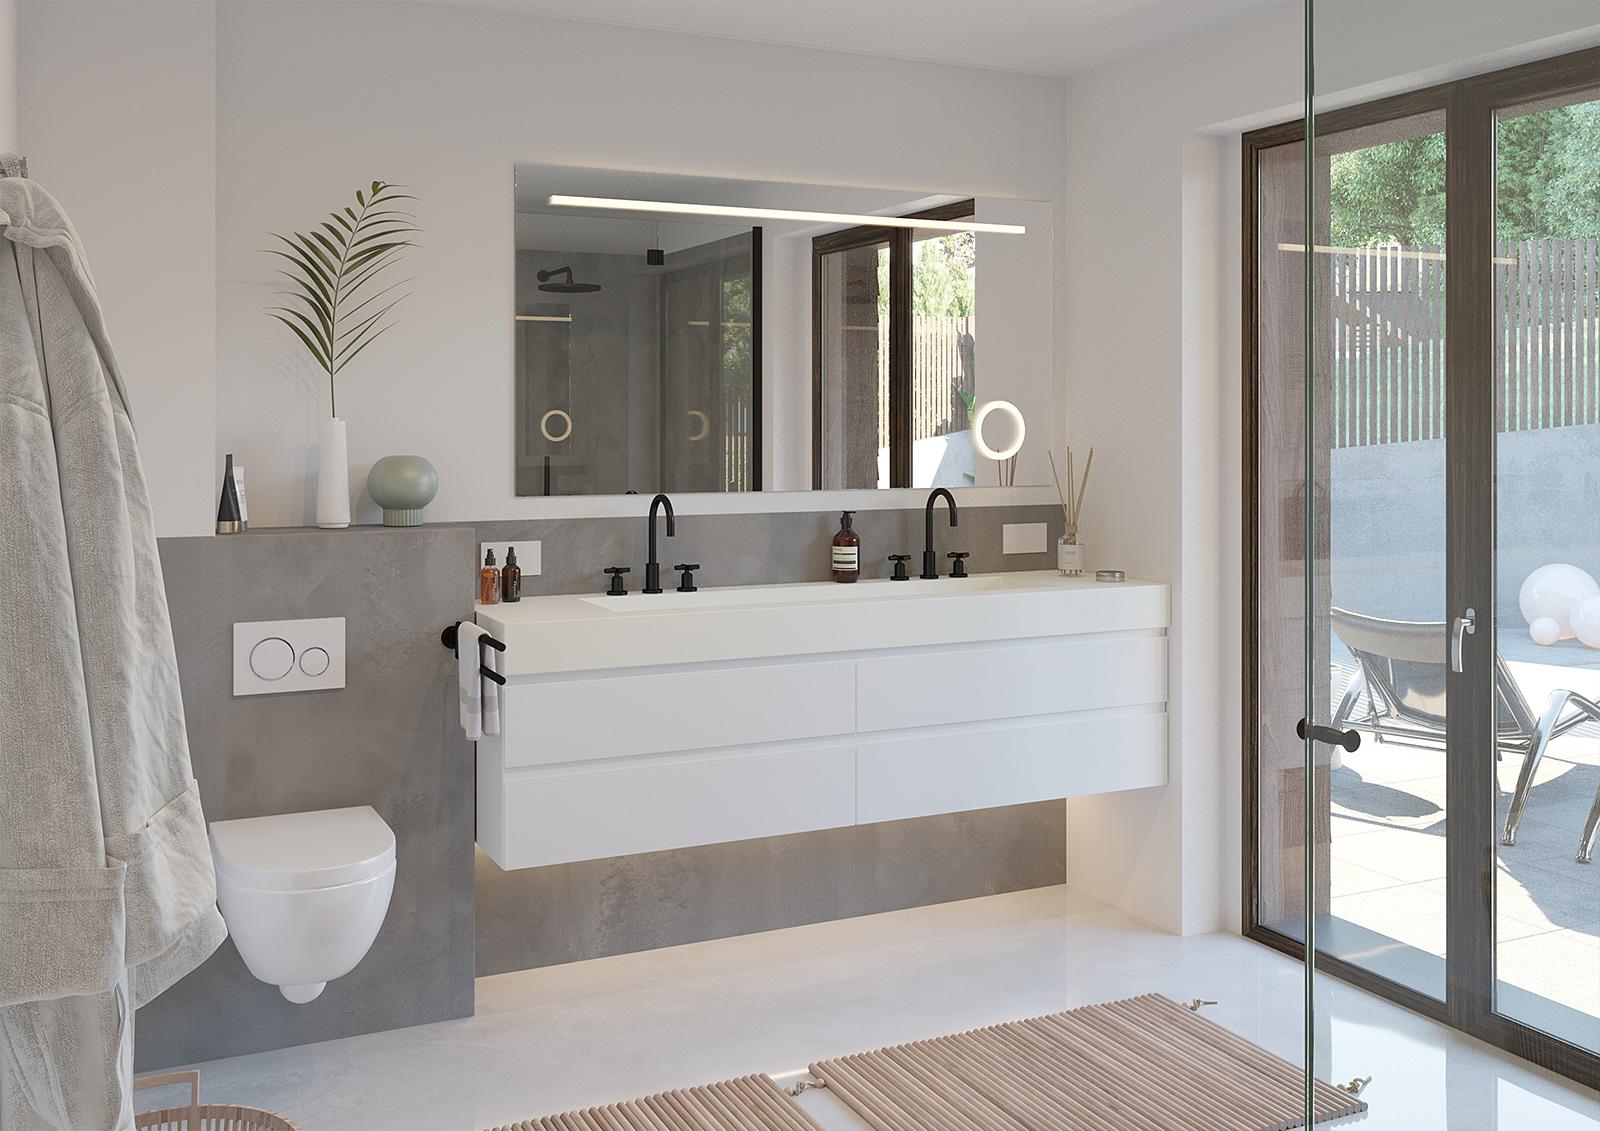 Architektur Visualisierung Badezimmer